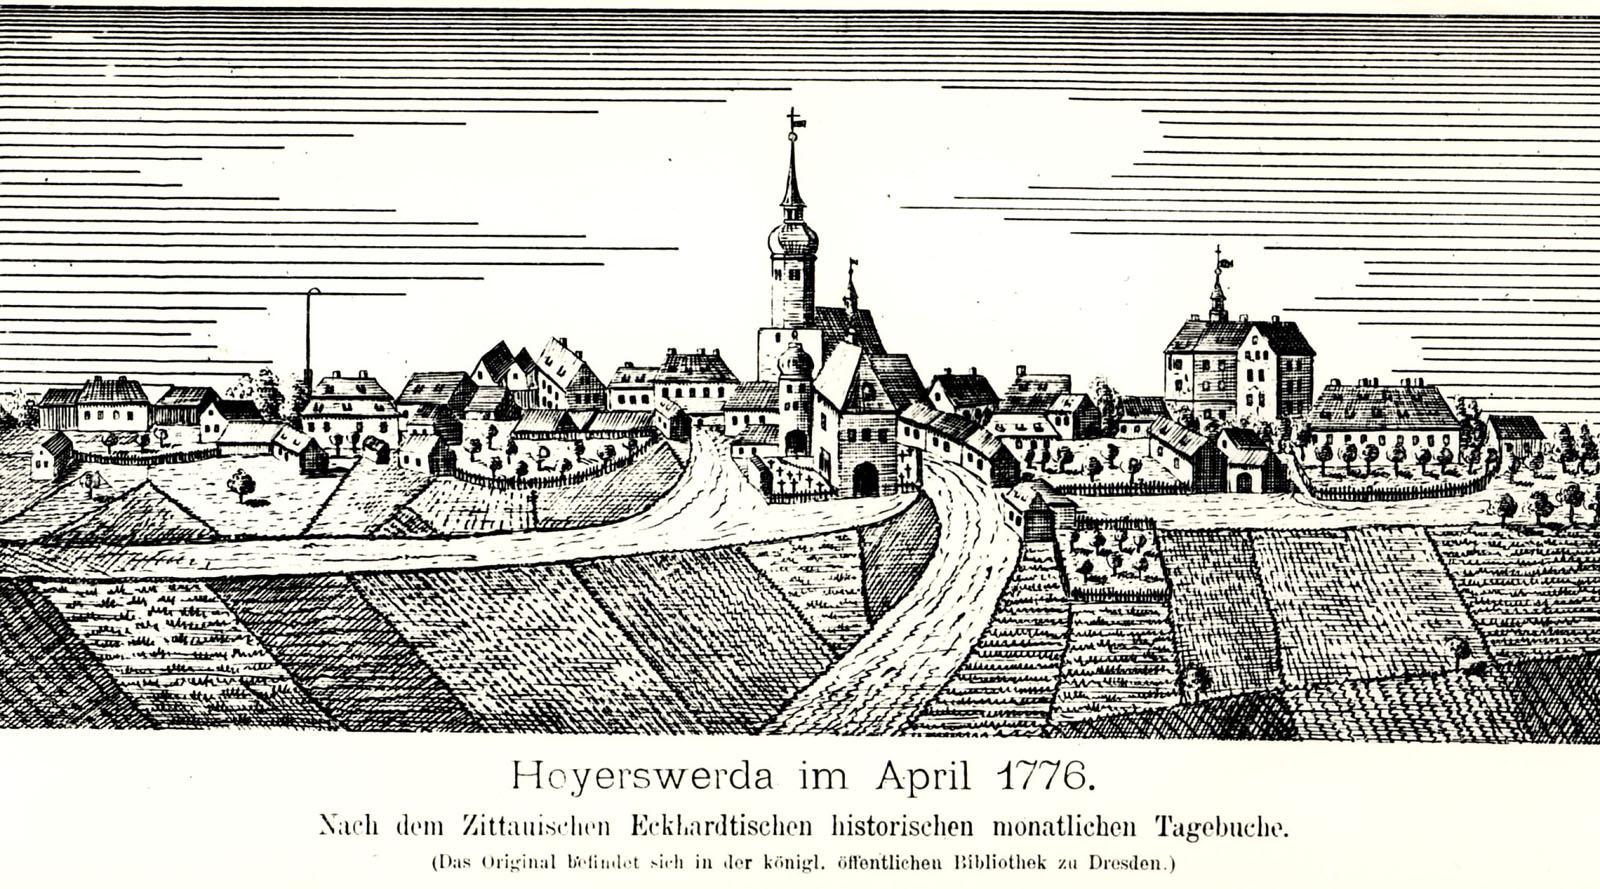 1776 Hoyerswerda